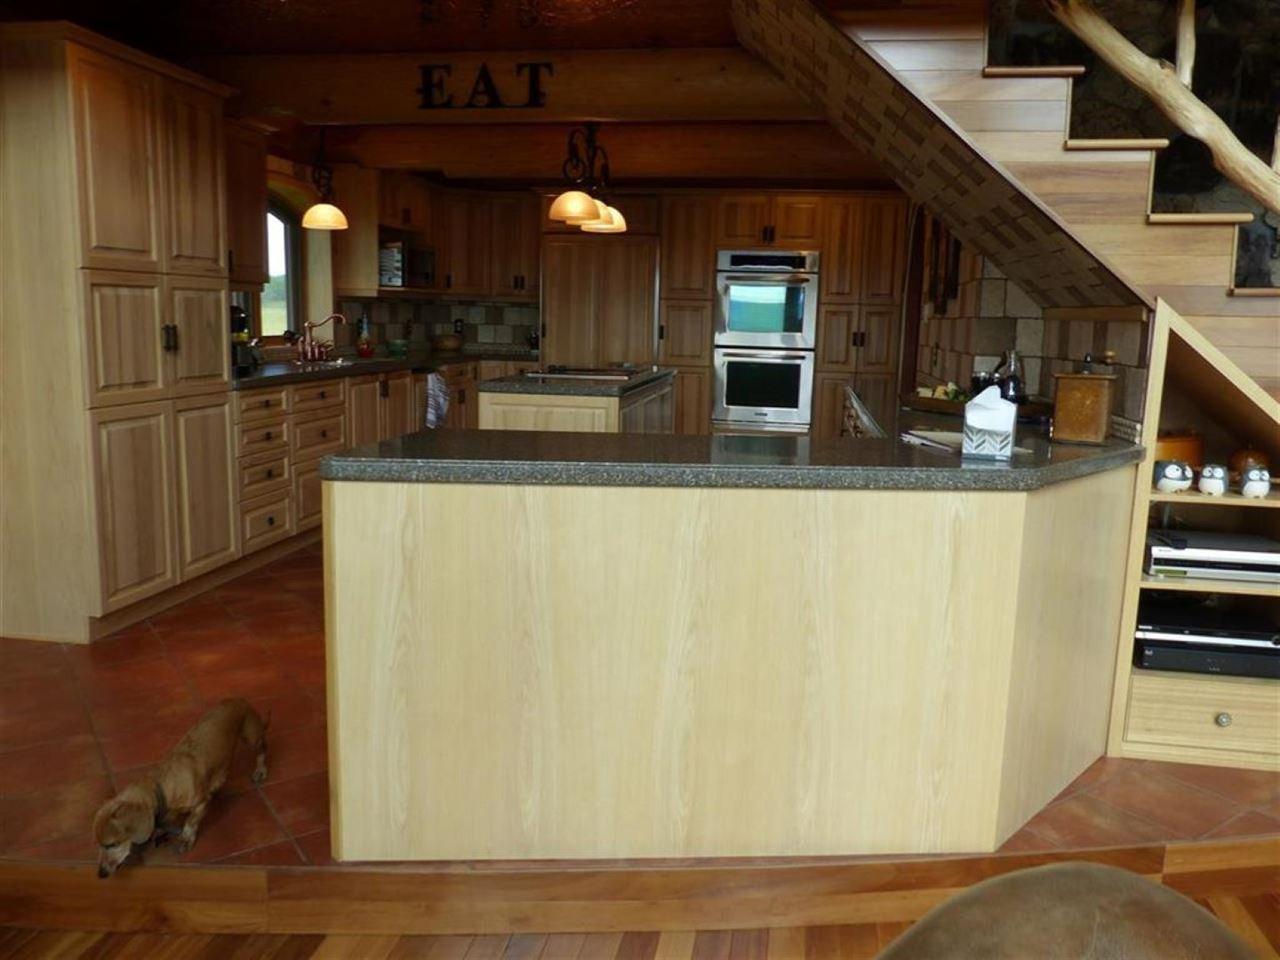 Photo 16: Photos: 5798 239 Road in Fort St. John: Fort St. John - Rural E 100th House for sale (Fort St. John (Zone 60))  : MLS®# R2423060